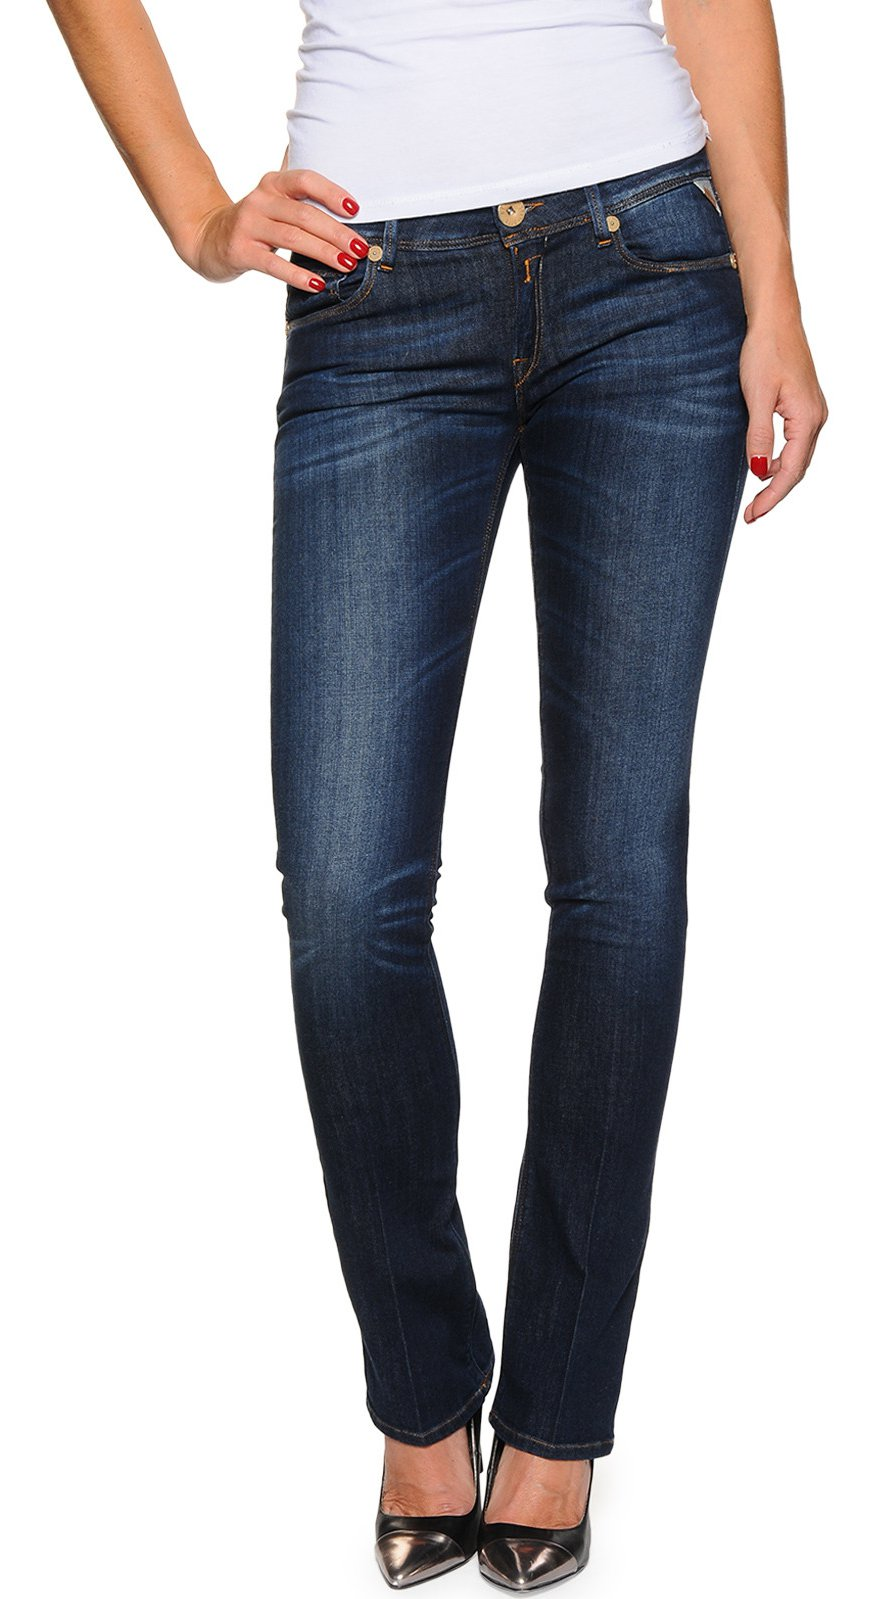 Le jean femme, un sujet que je connais bien